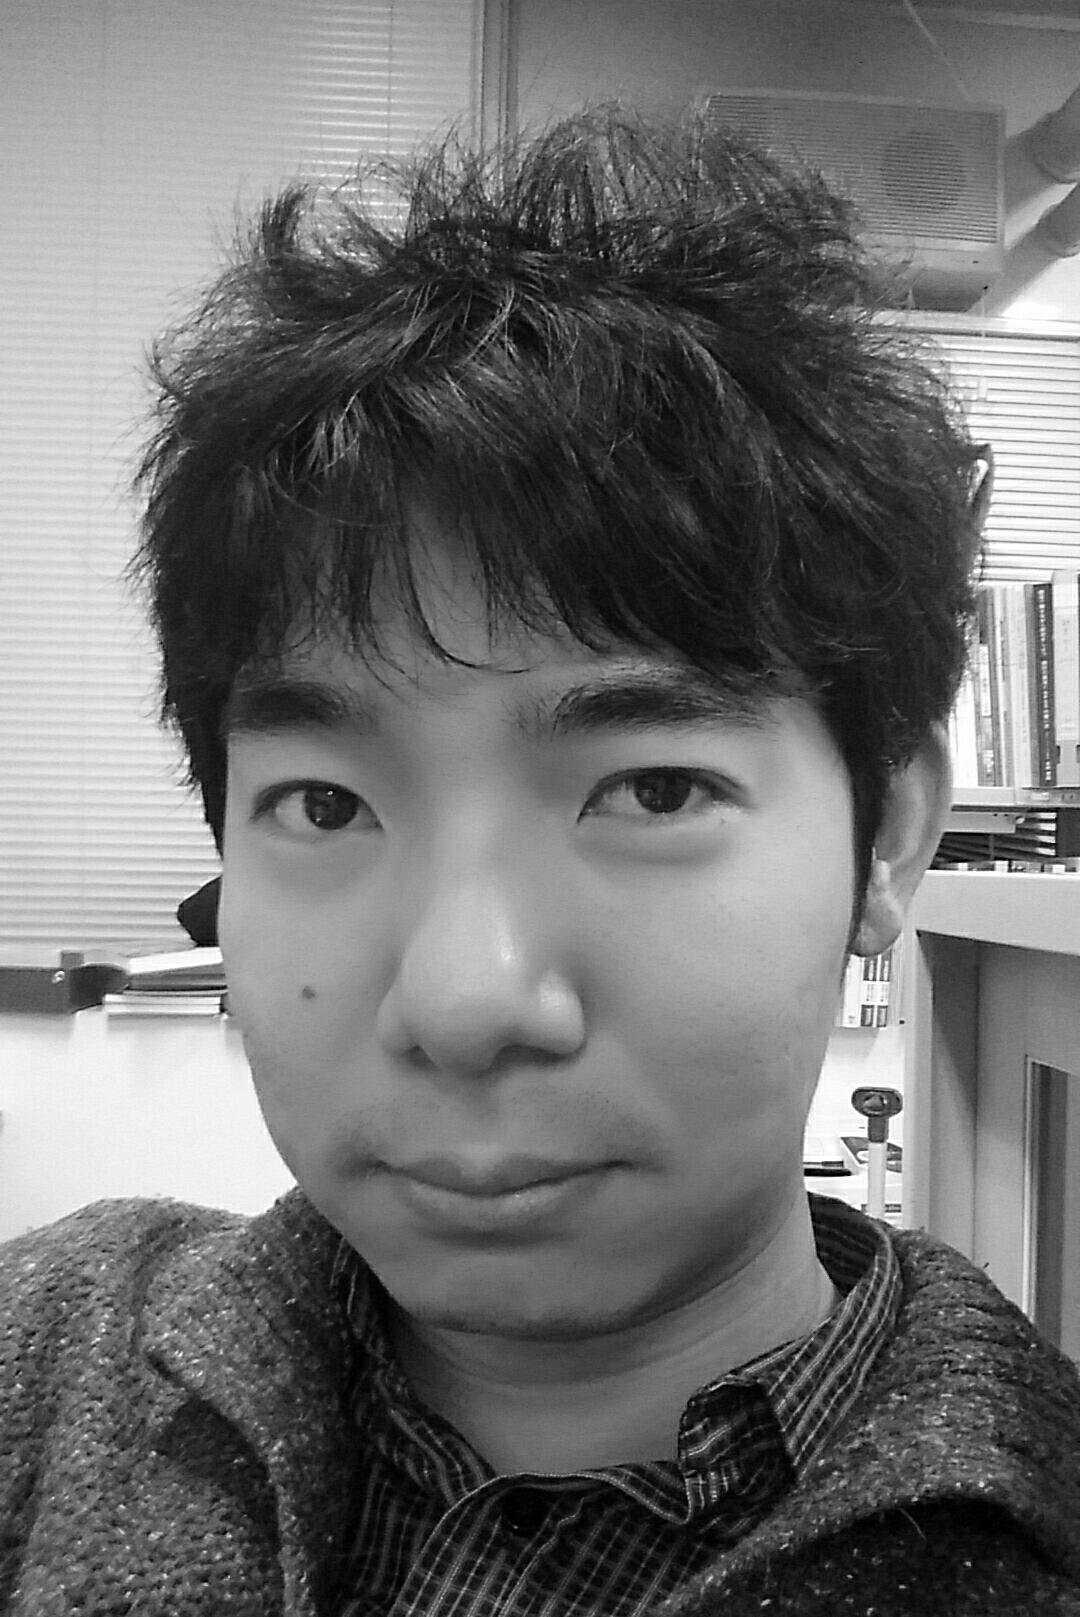 Yousuke Kumakura